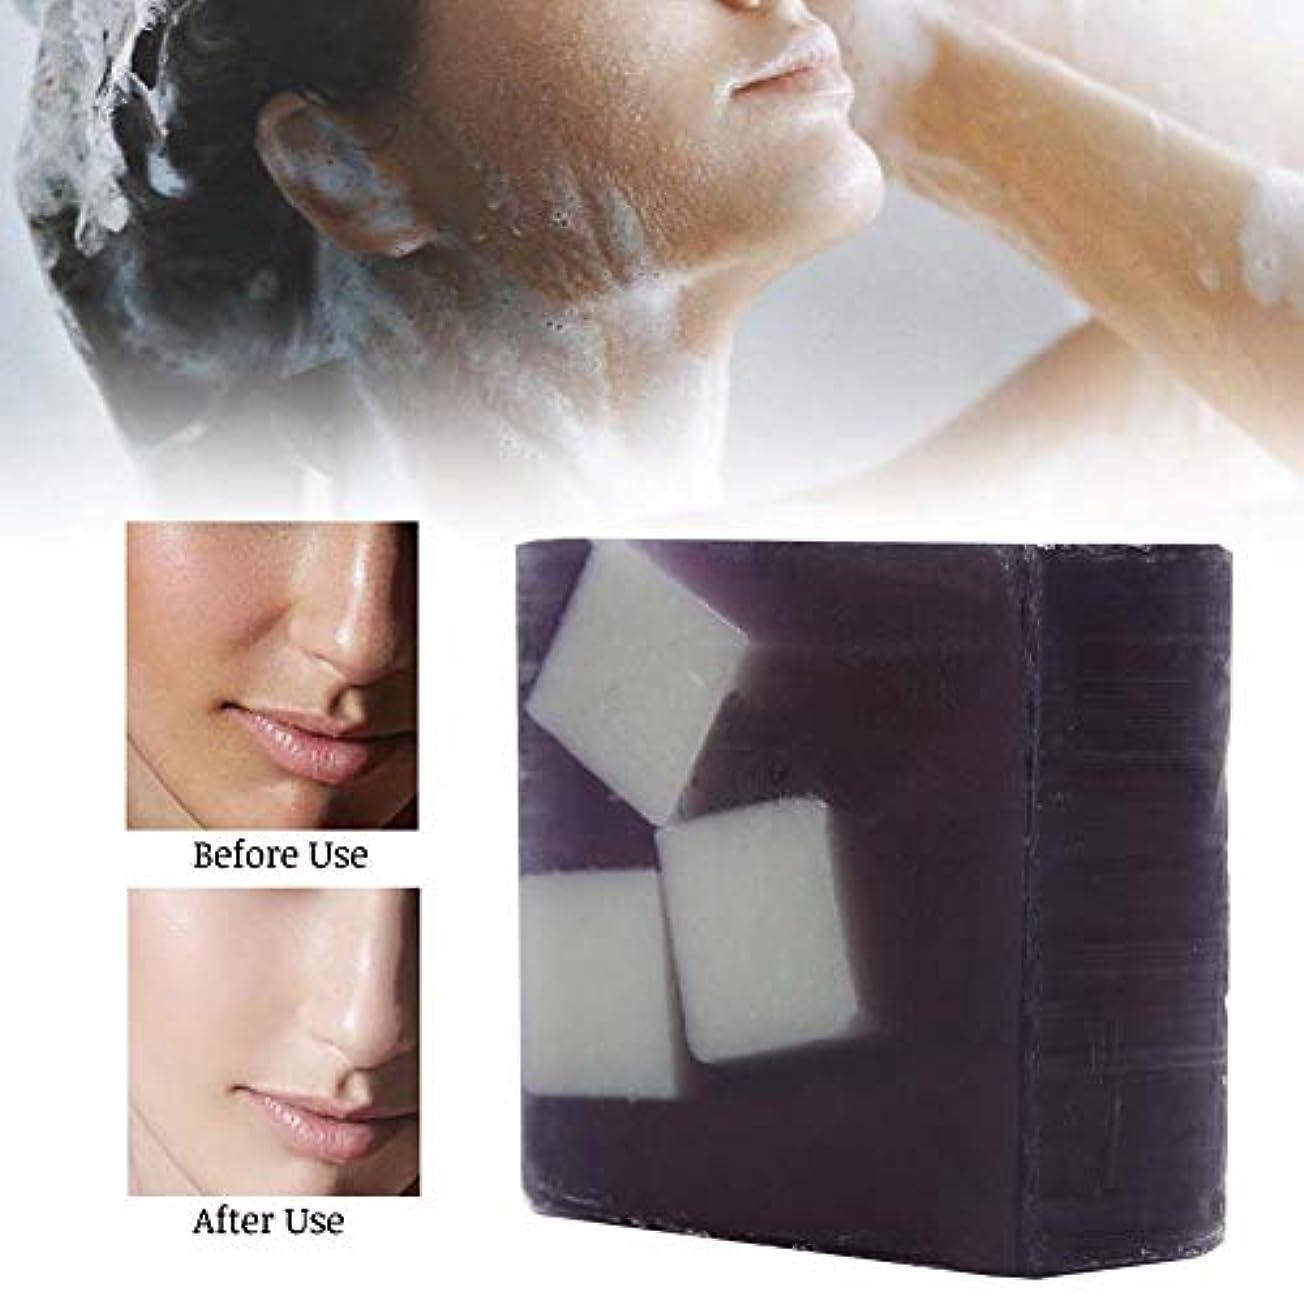 マザーランド暗くする余分な手作り石鹸 100g ディープクリーニング 火山泥 ハンドメイドグリース 保湿石鹸用